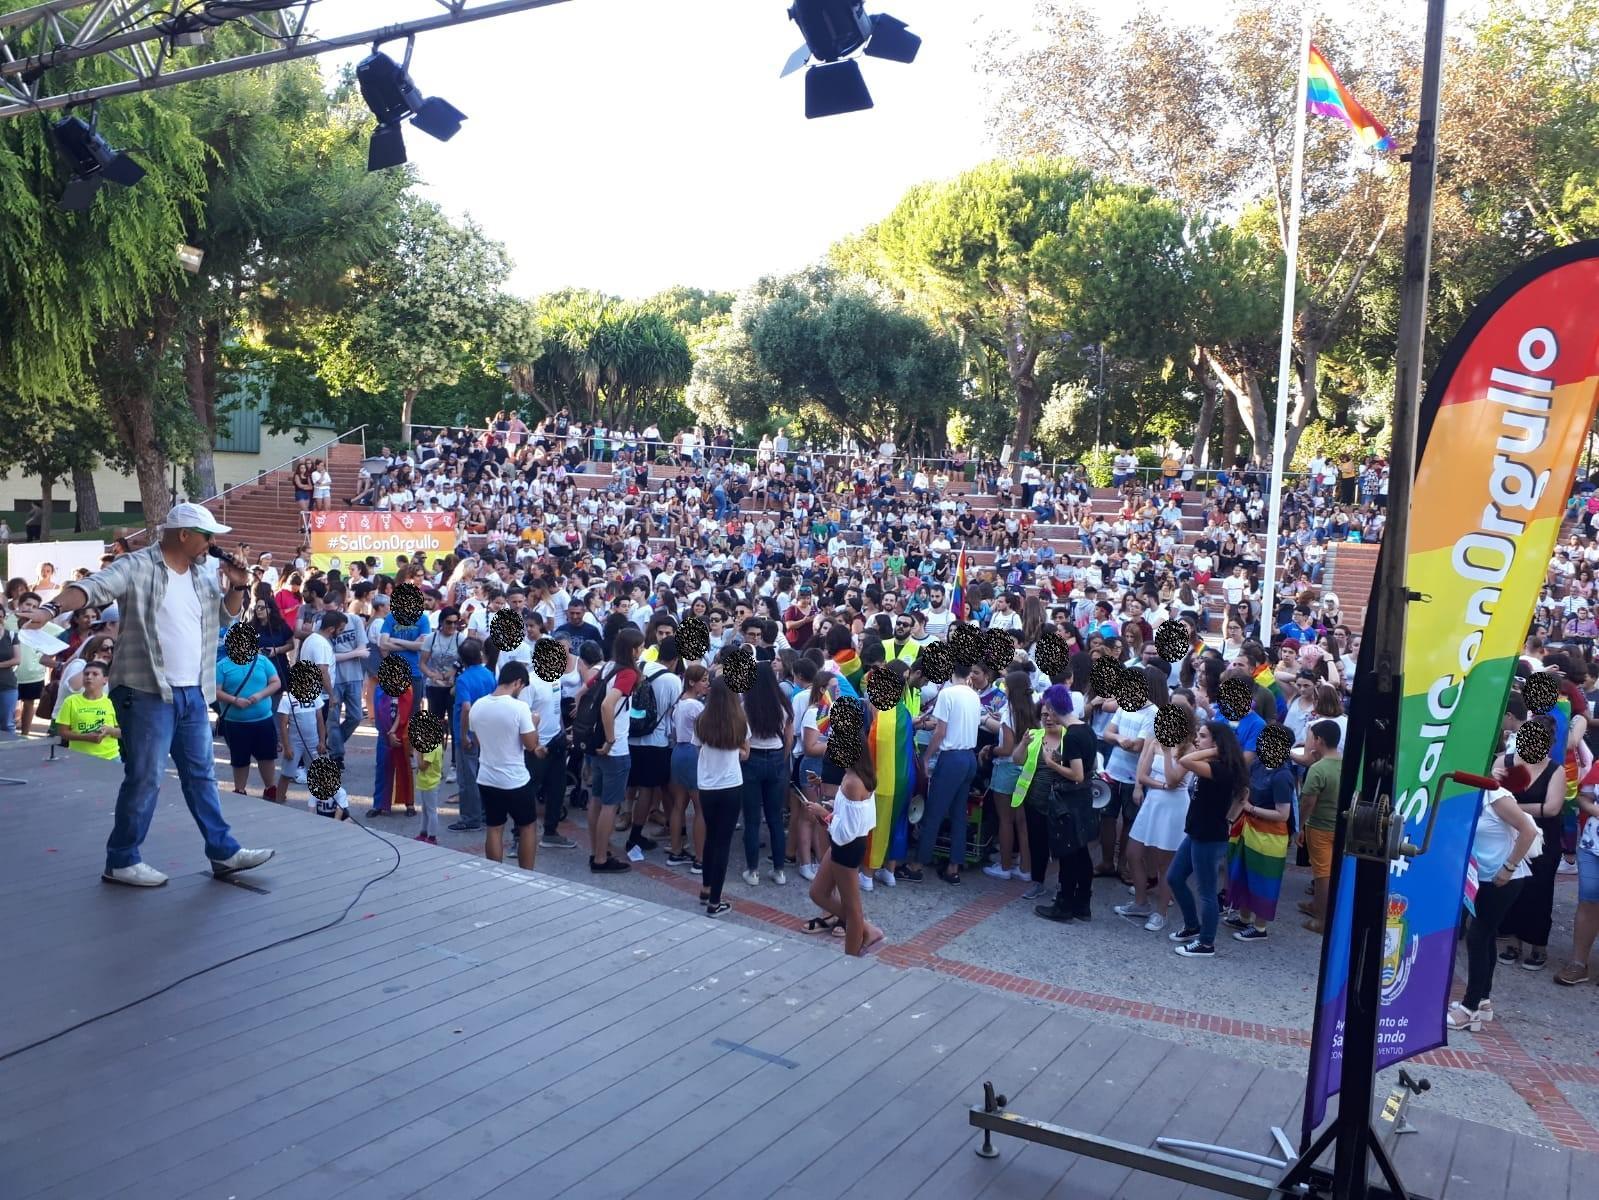 Imagen Fiesta Holi